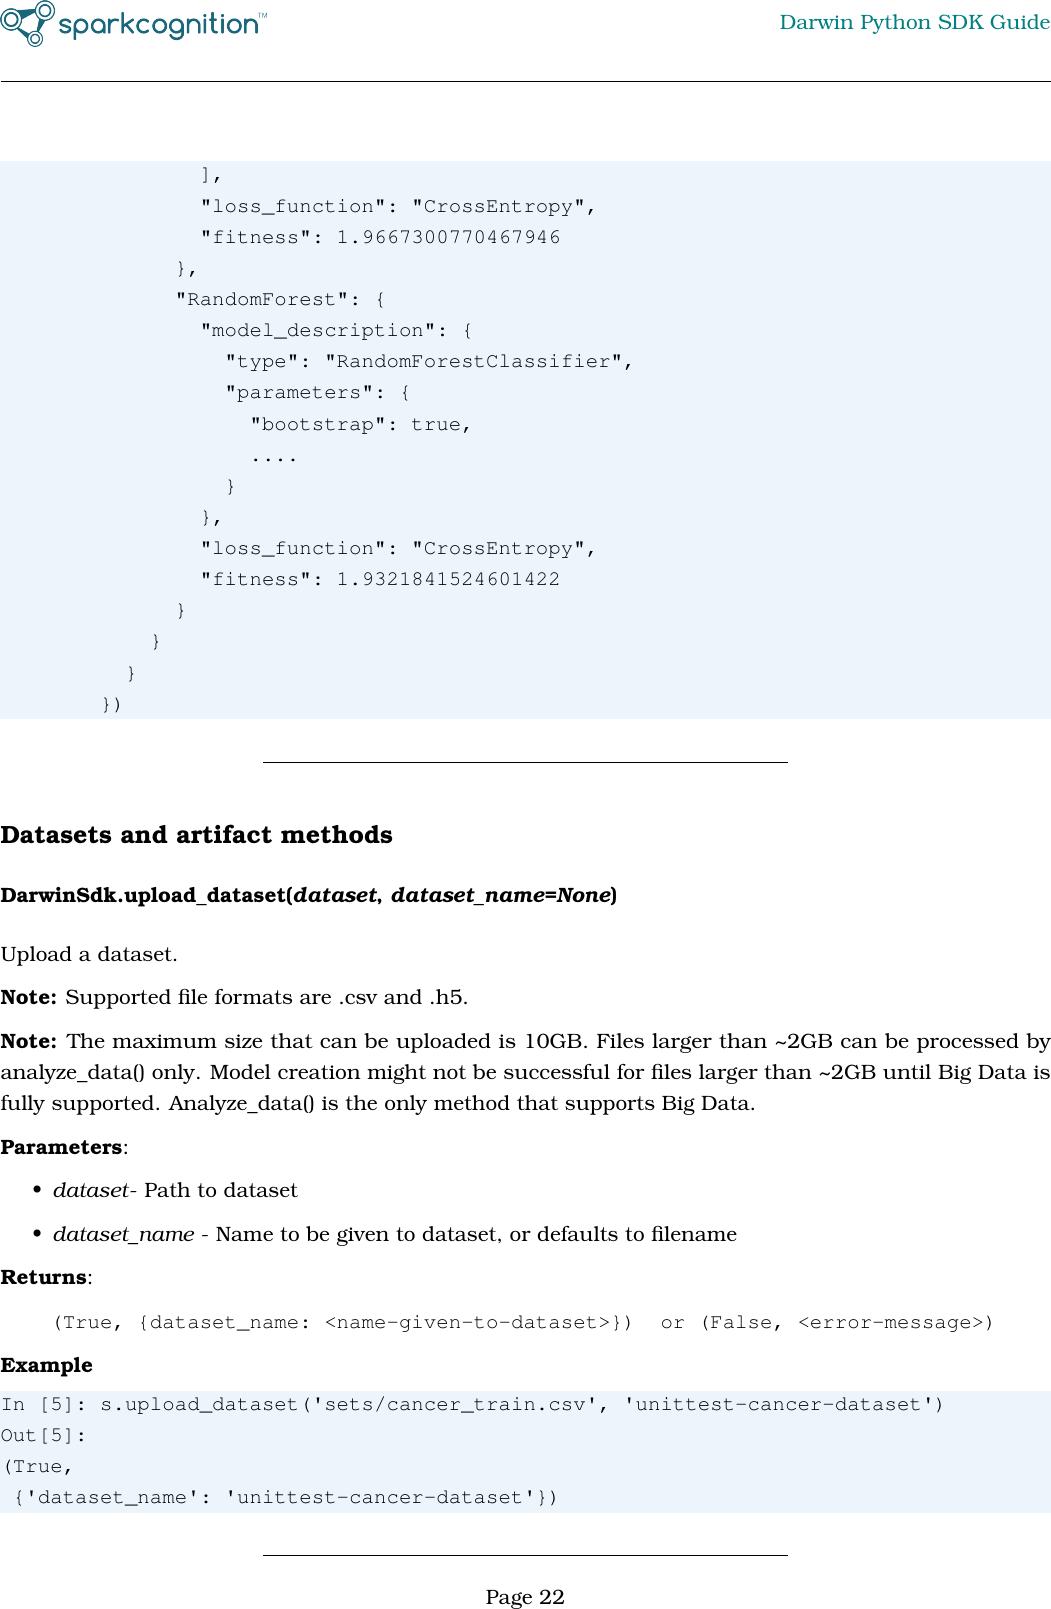 Spark Cognition Darwin Python SDK Guide V1 6 2